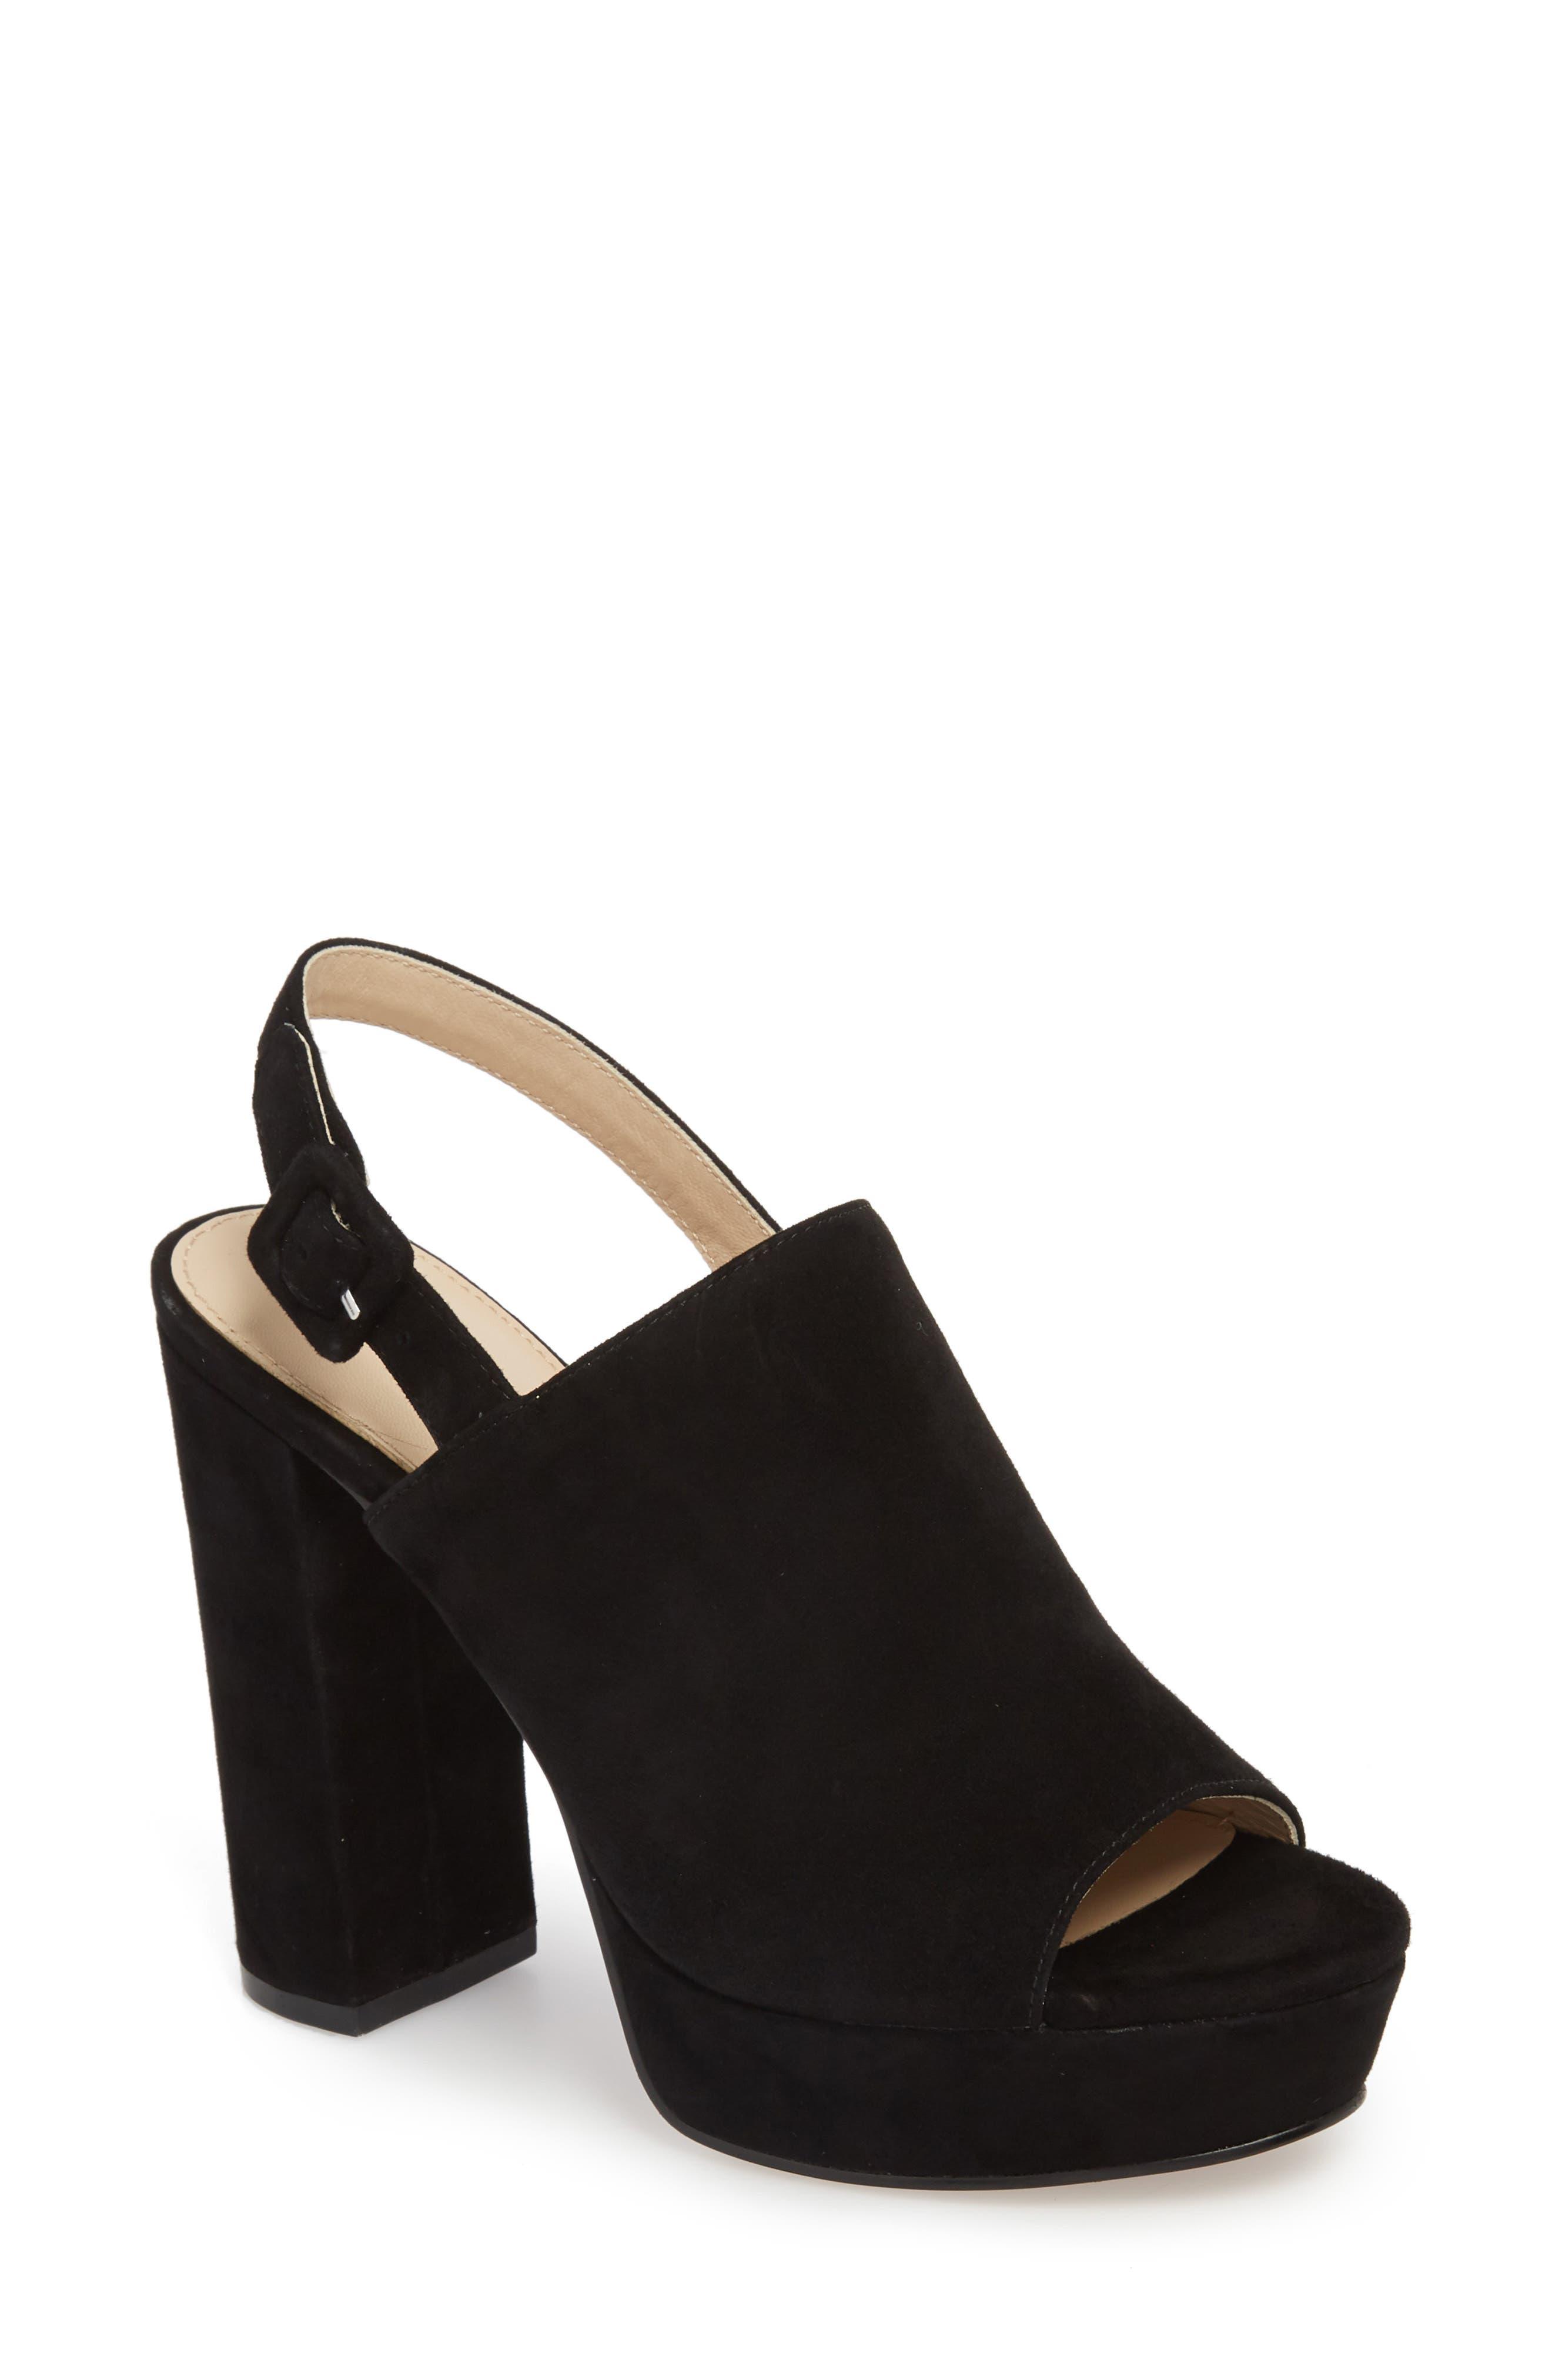 Jolene Platform Sandal,                             Main thumbnail 1, color,                             BLACK SUEDE